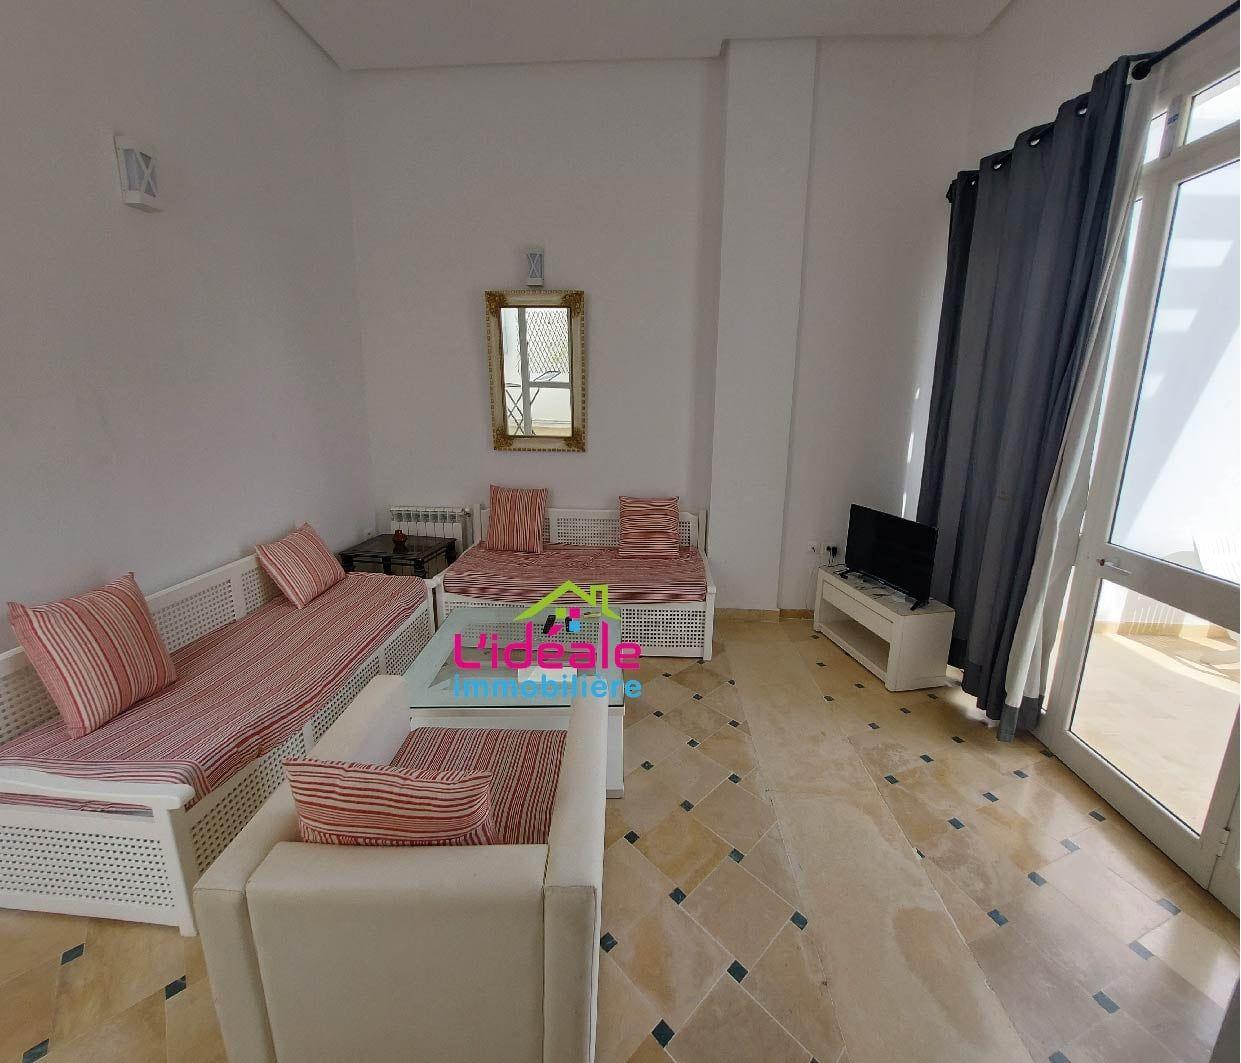 Appartement karine à location à l'année